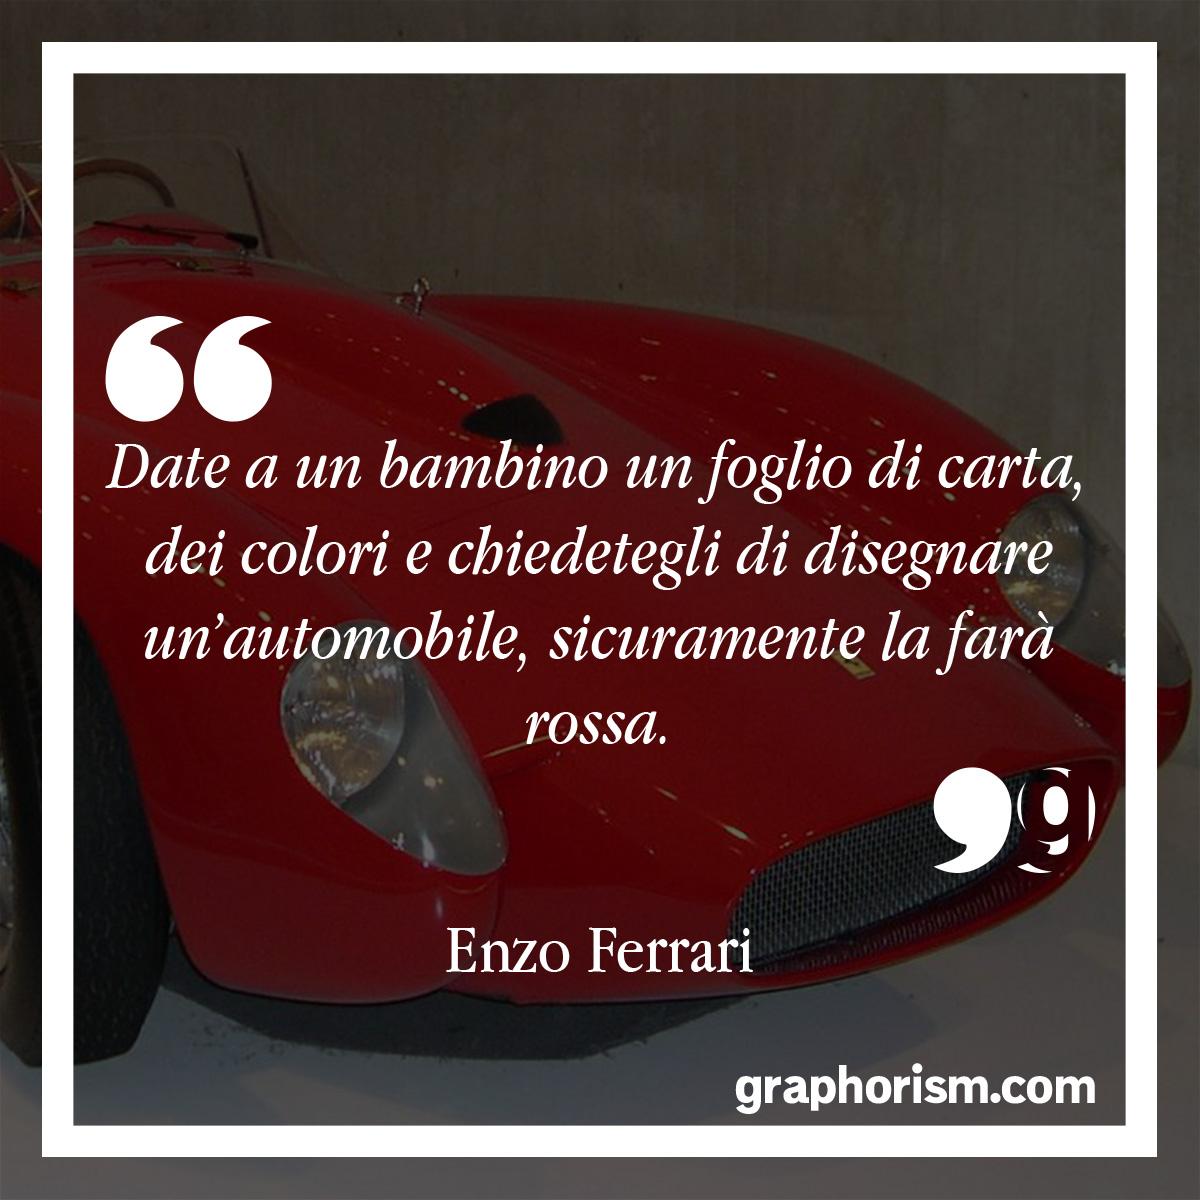 Enzo Ferrari: Date a un bambino un foglio di carta, dei colori e chiedetegli di disegnare un'automobile, sicuramente la farà rossa.